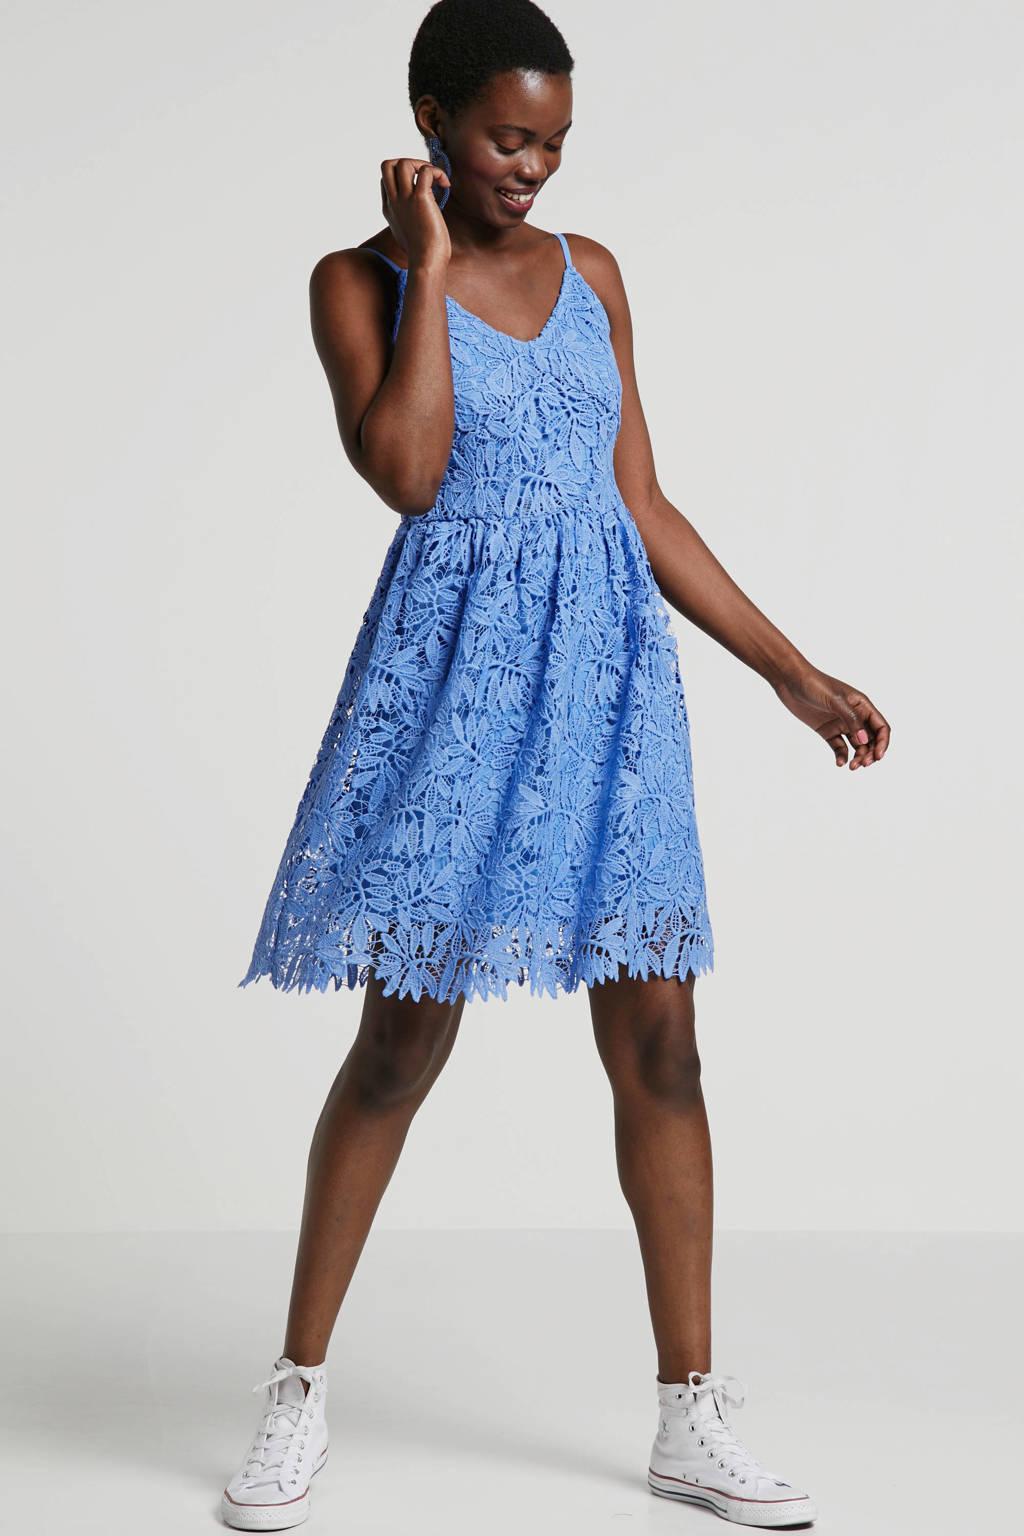 VERO MODA kanten jurk blauw, Blauw